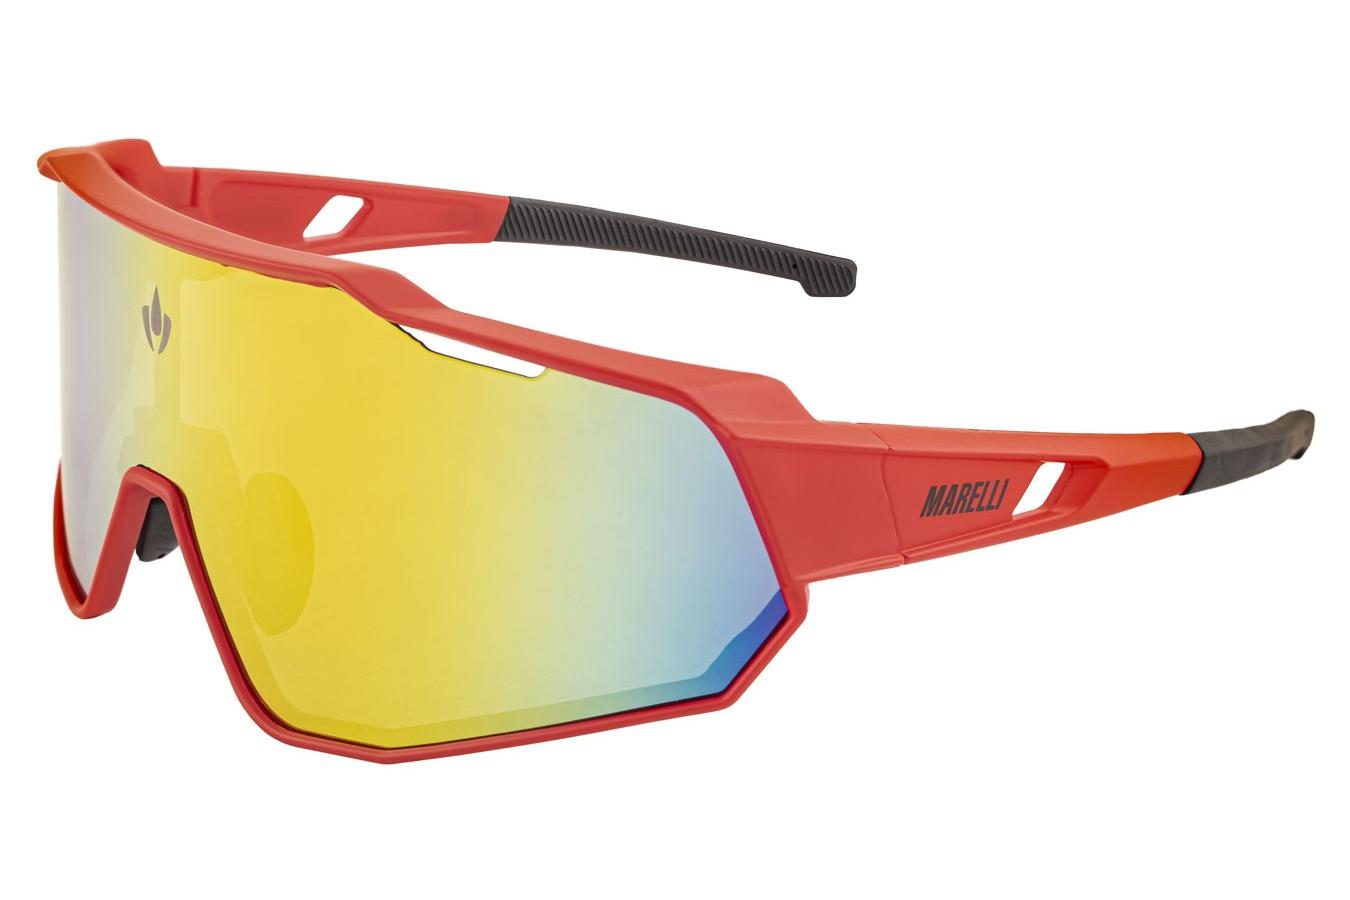 Óculos de ciclismo Veloce 3 lentes vermelho - Marelli